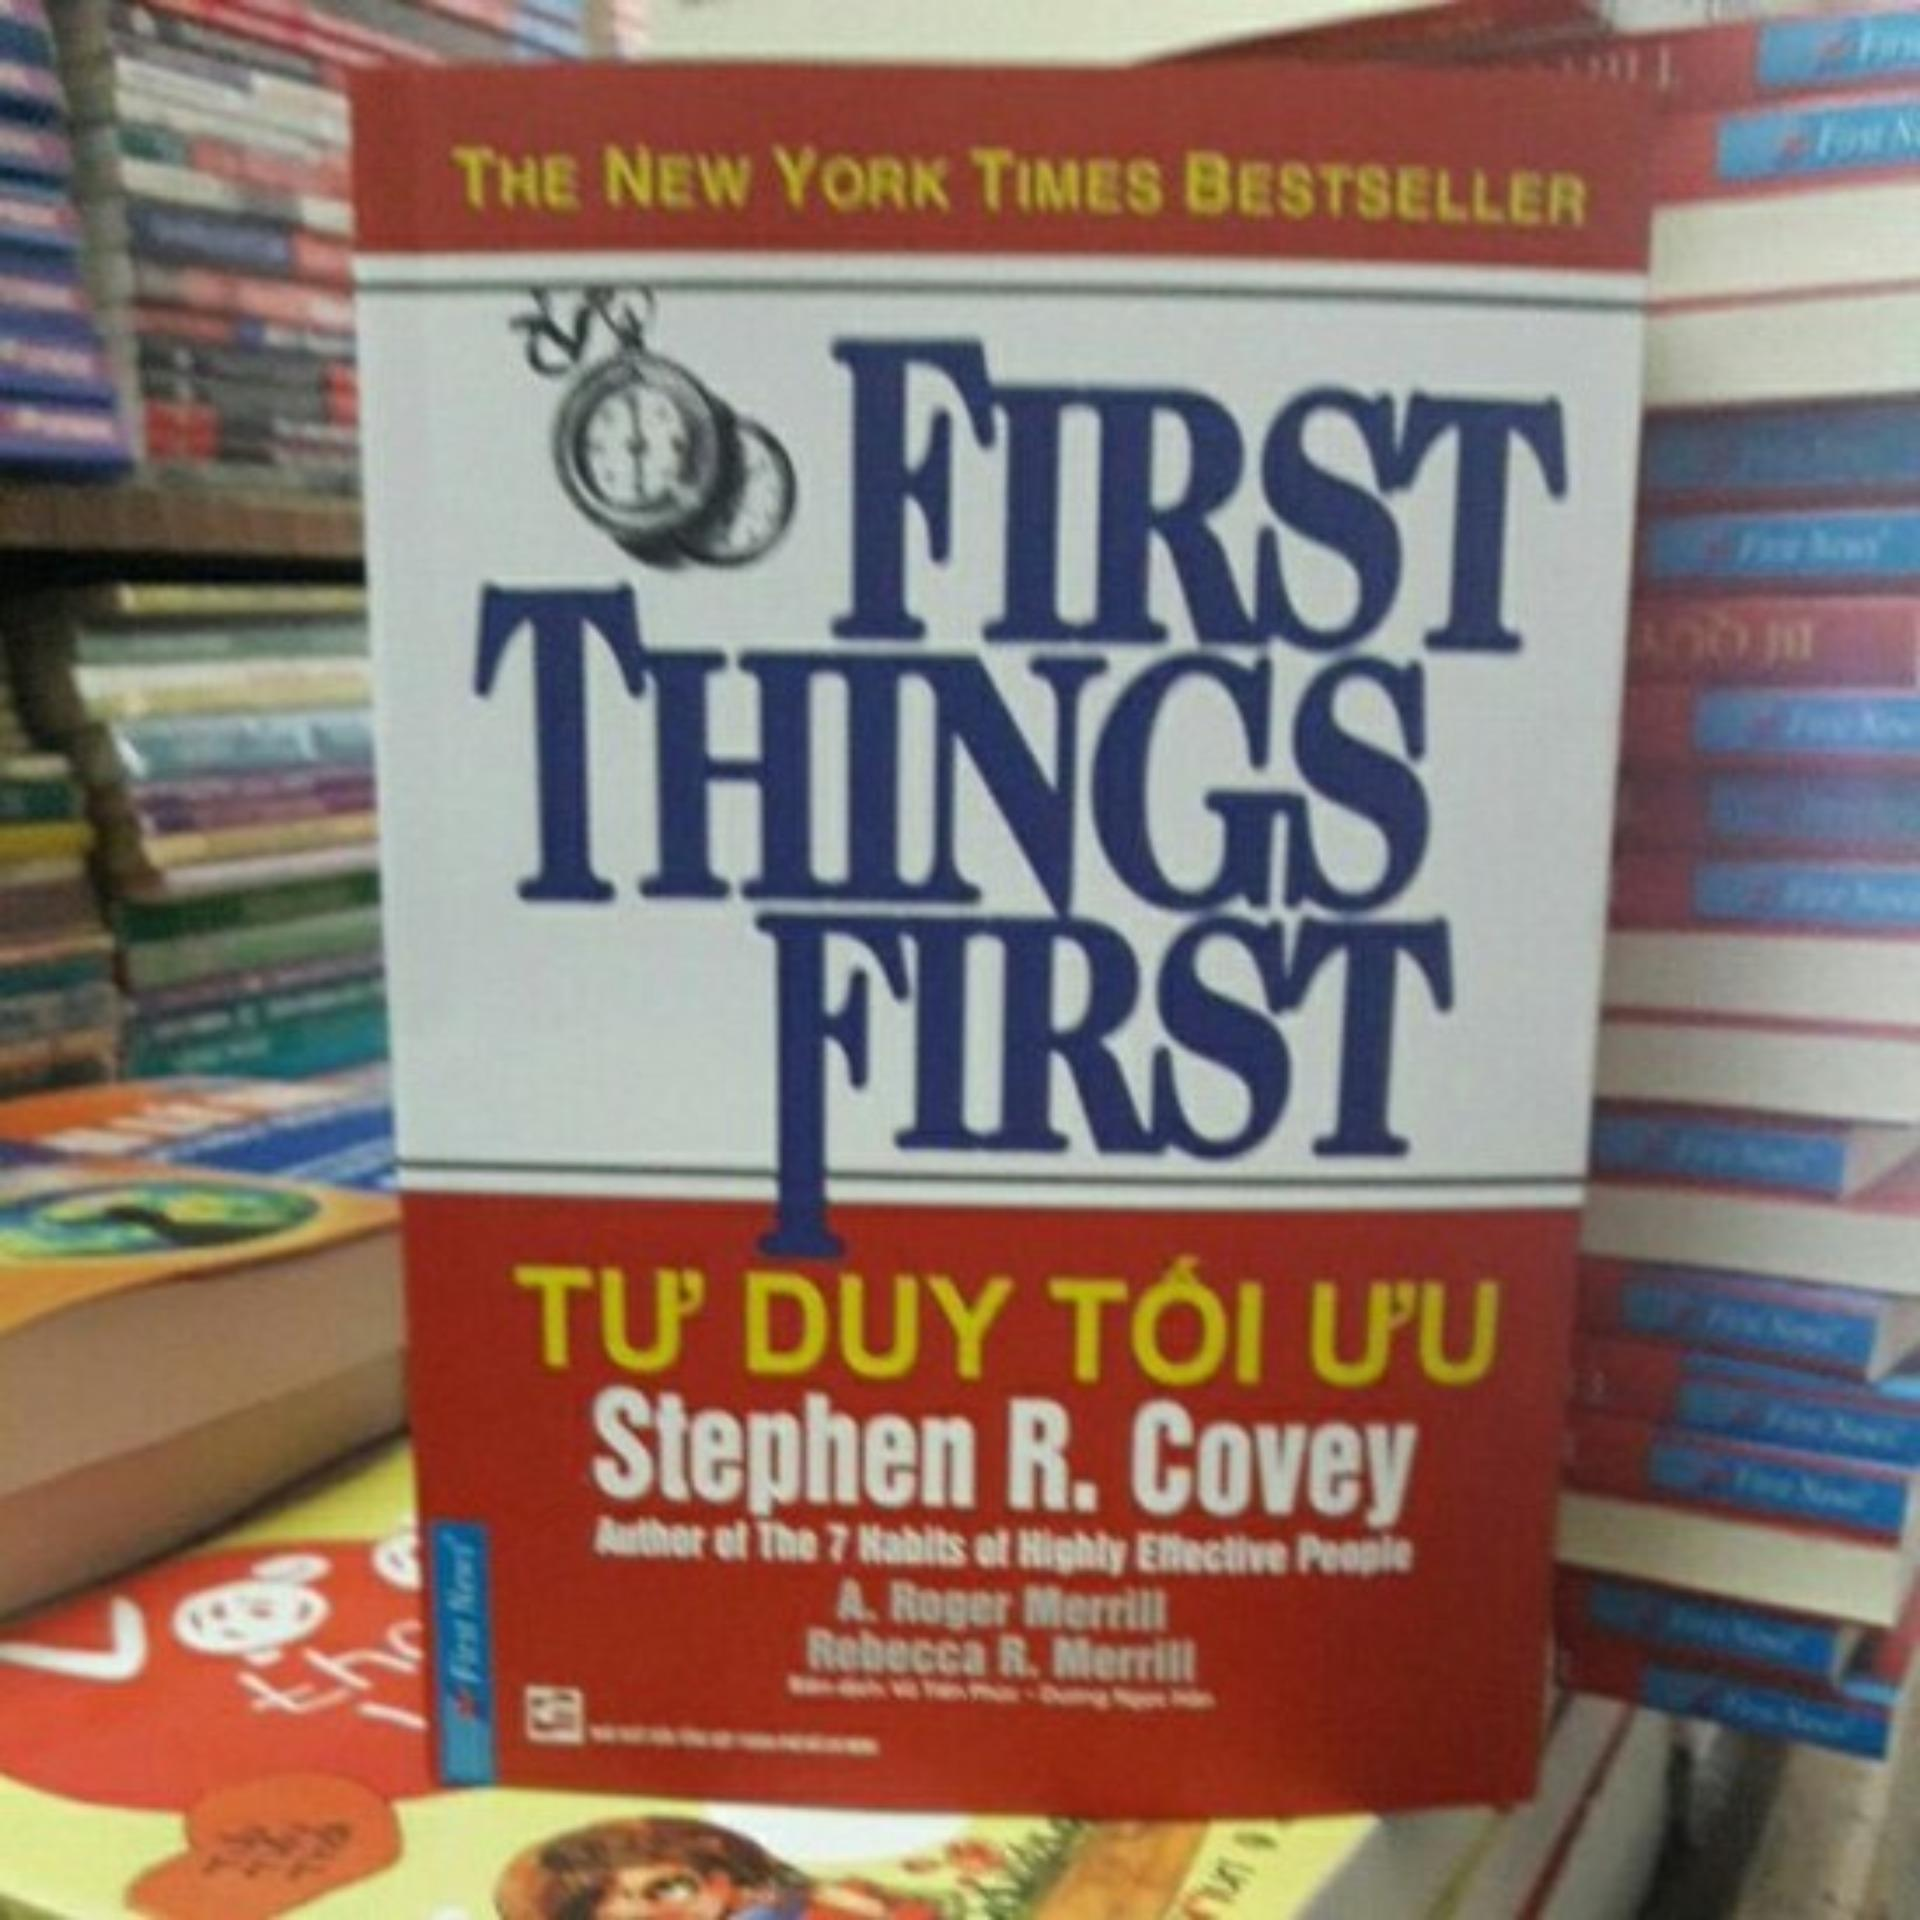 Mua Tư Duy Tối Ưu - First Things First chất lượng cao